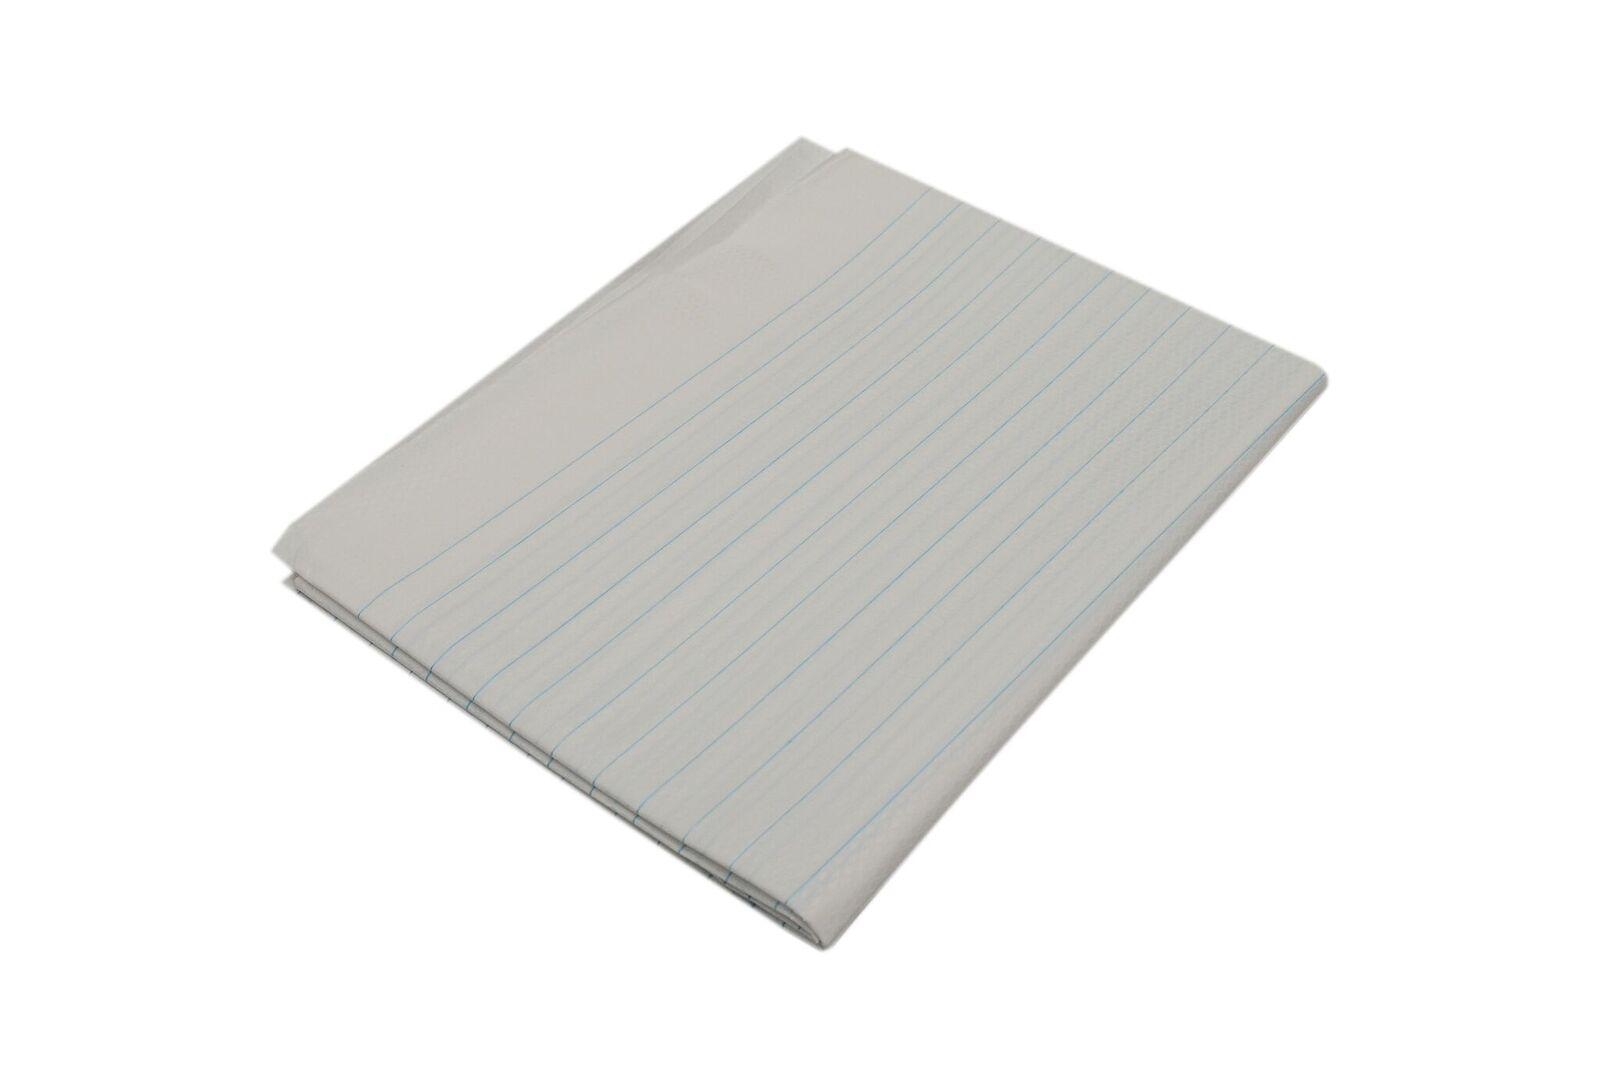 Trageauflage 210 x 80 cm in weiß